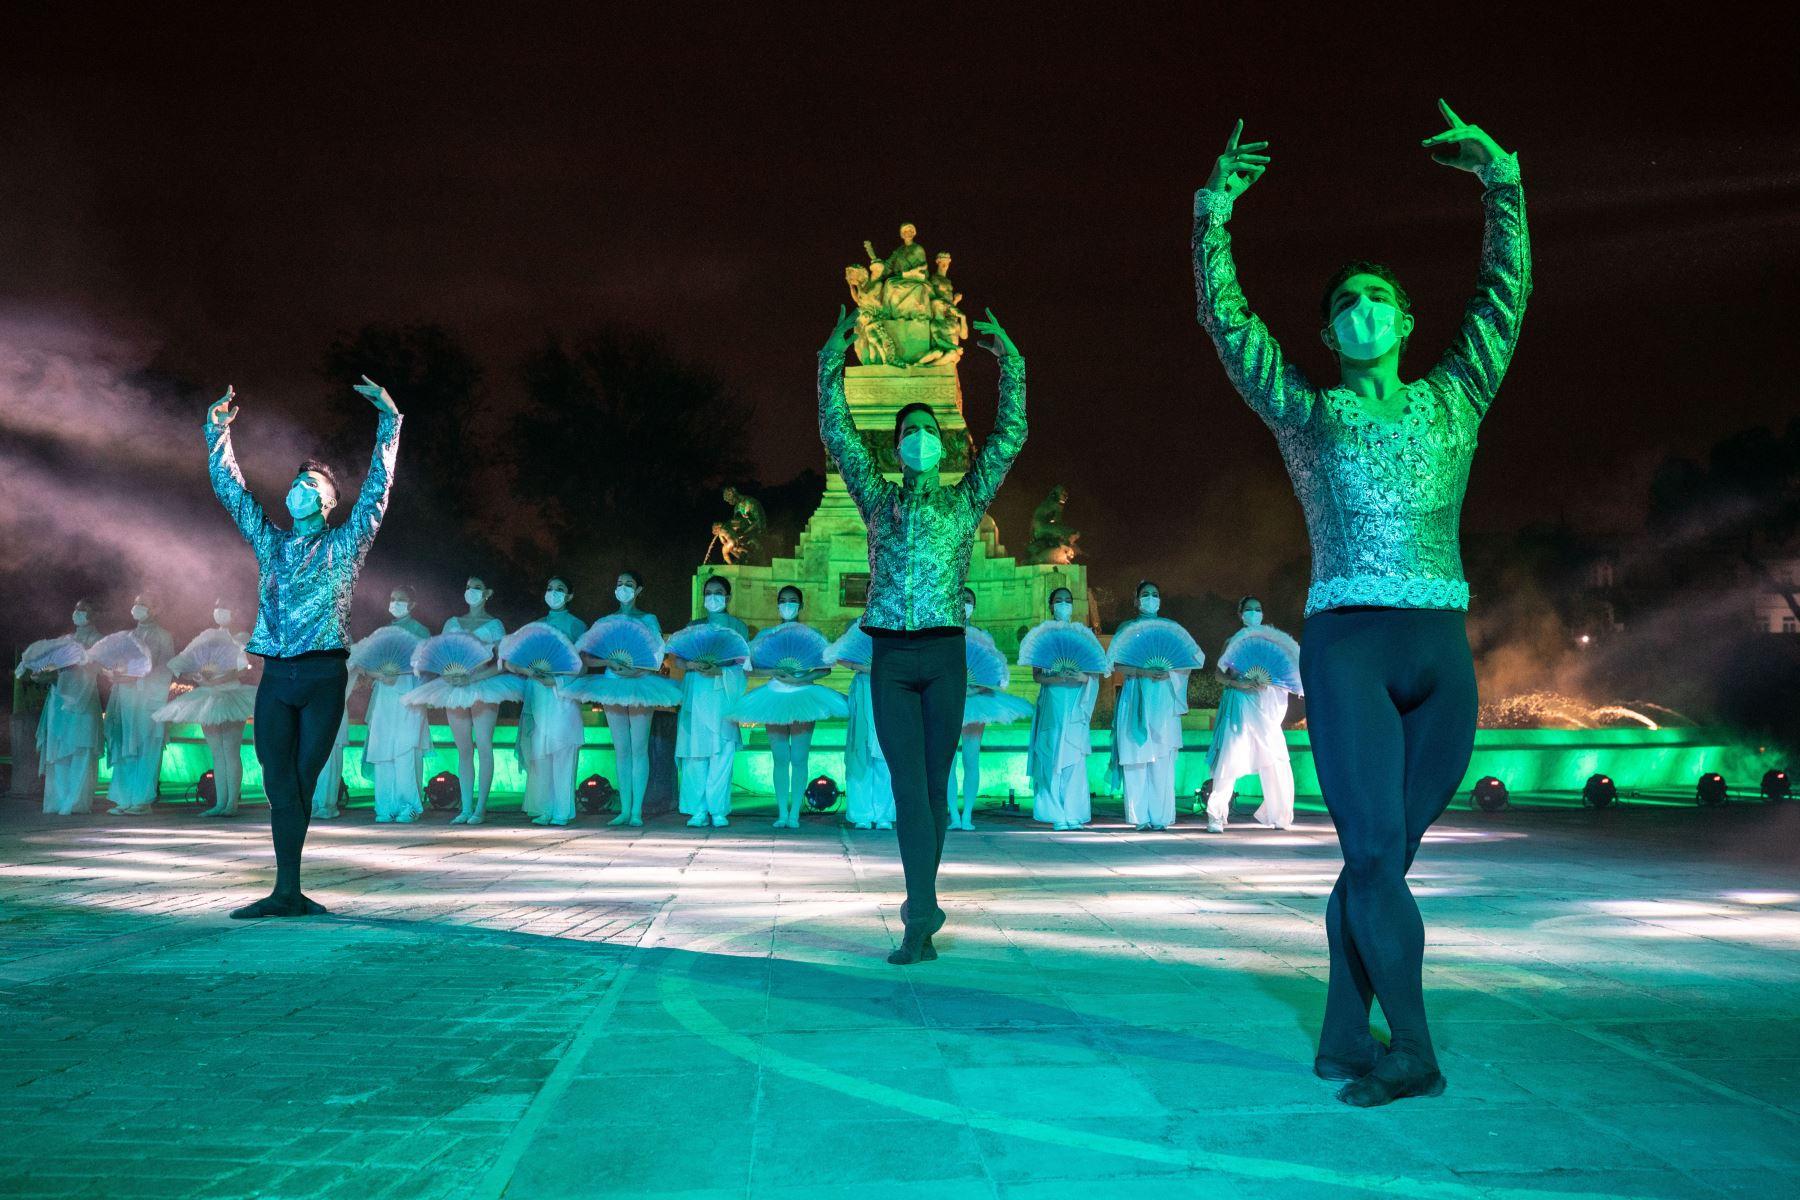 Municipalidad de Lima presentó la renovada Fuente China, la cual tiene 100 años de antigüedad, en el Parque de la Exposición. Foto: MML